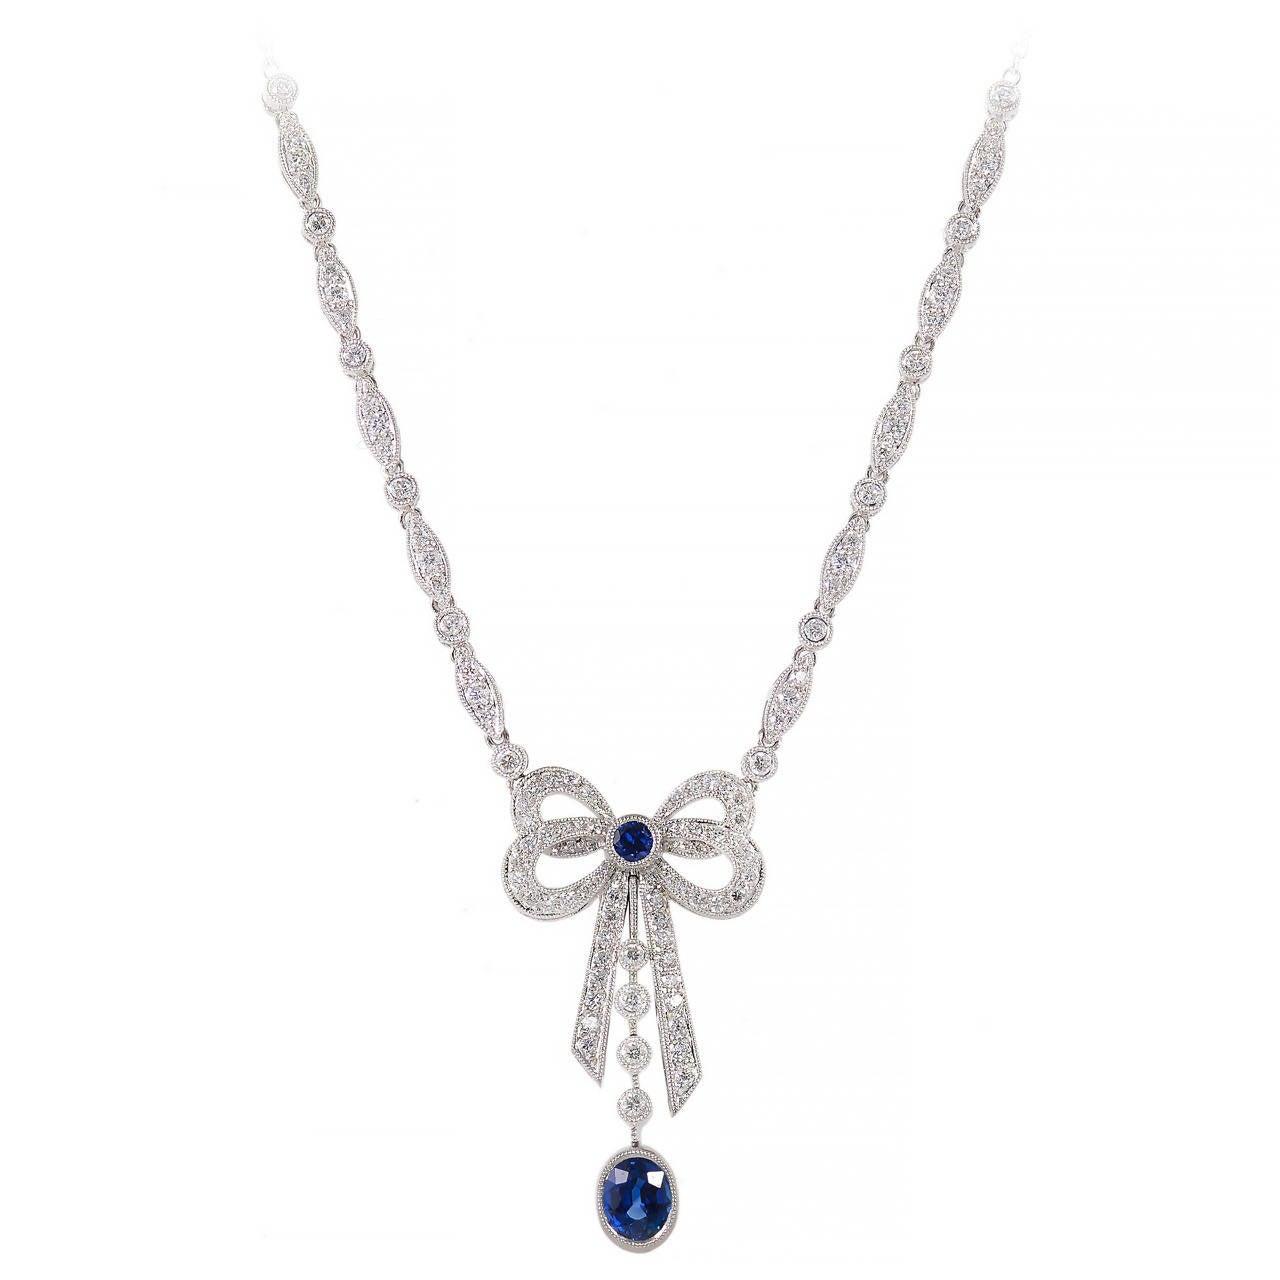 Oval sapphire pave round diamond platinum bow pendant for sale at oval sapphire pave round diamond platinum bow pendant 1 mozeypictures Image collections